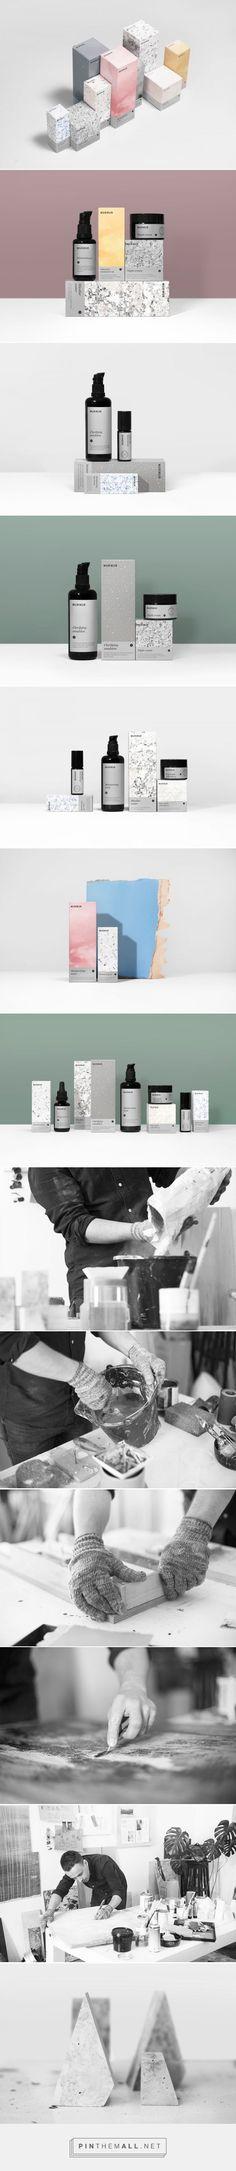 MURMUR - Packaging of the World - Creative Package Design Gallery - www.packagingofth...